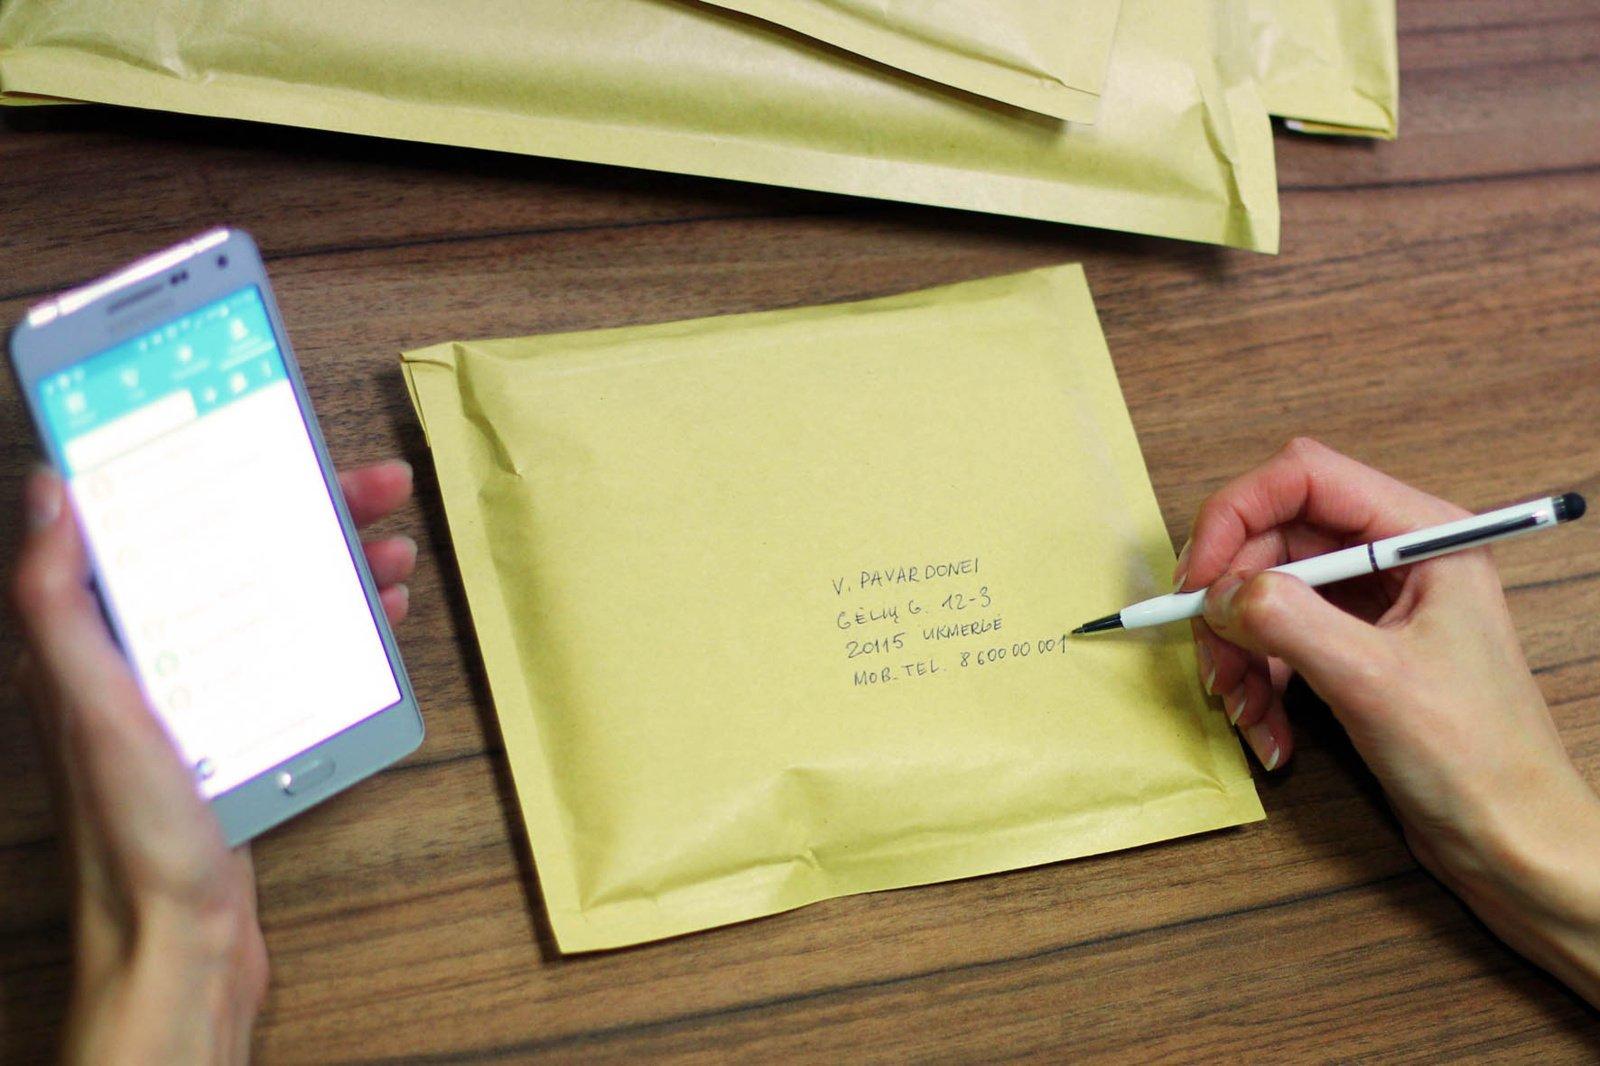 Lietuvos paštas paaiškino, kodėl siuntos nepasiekia gyventojų: kalti adresai